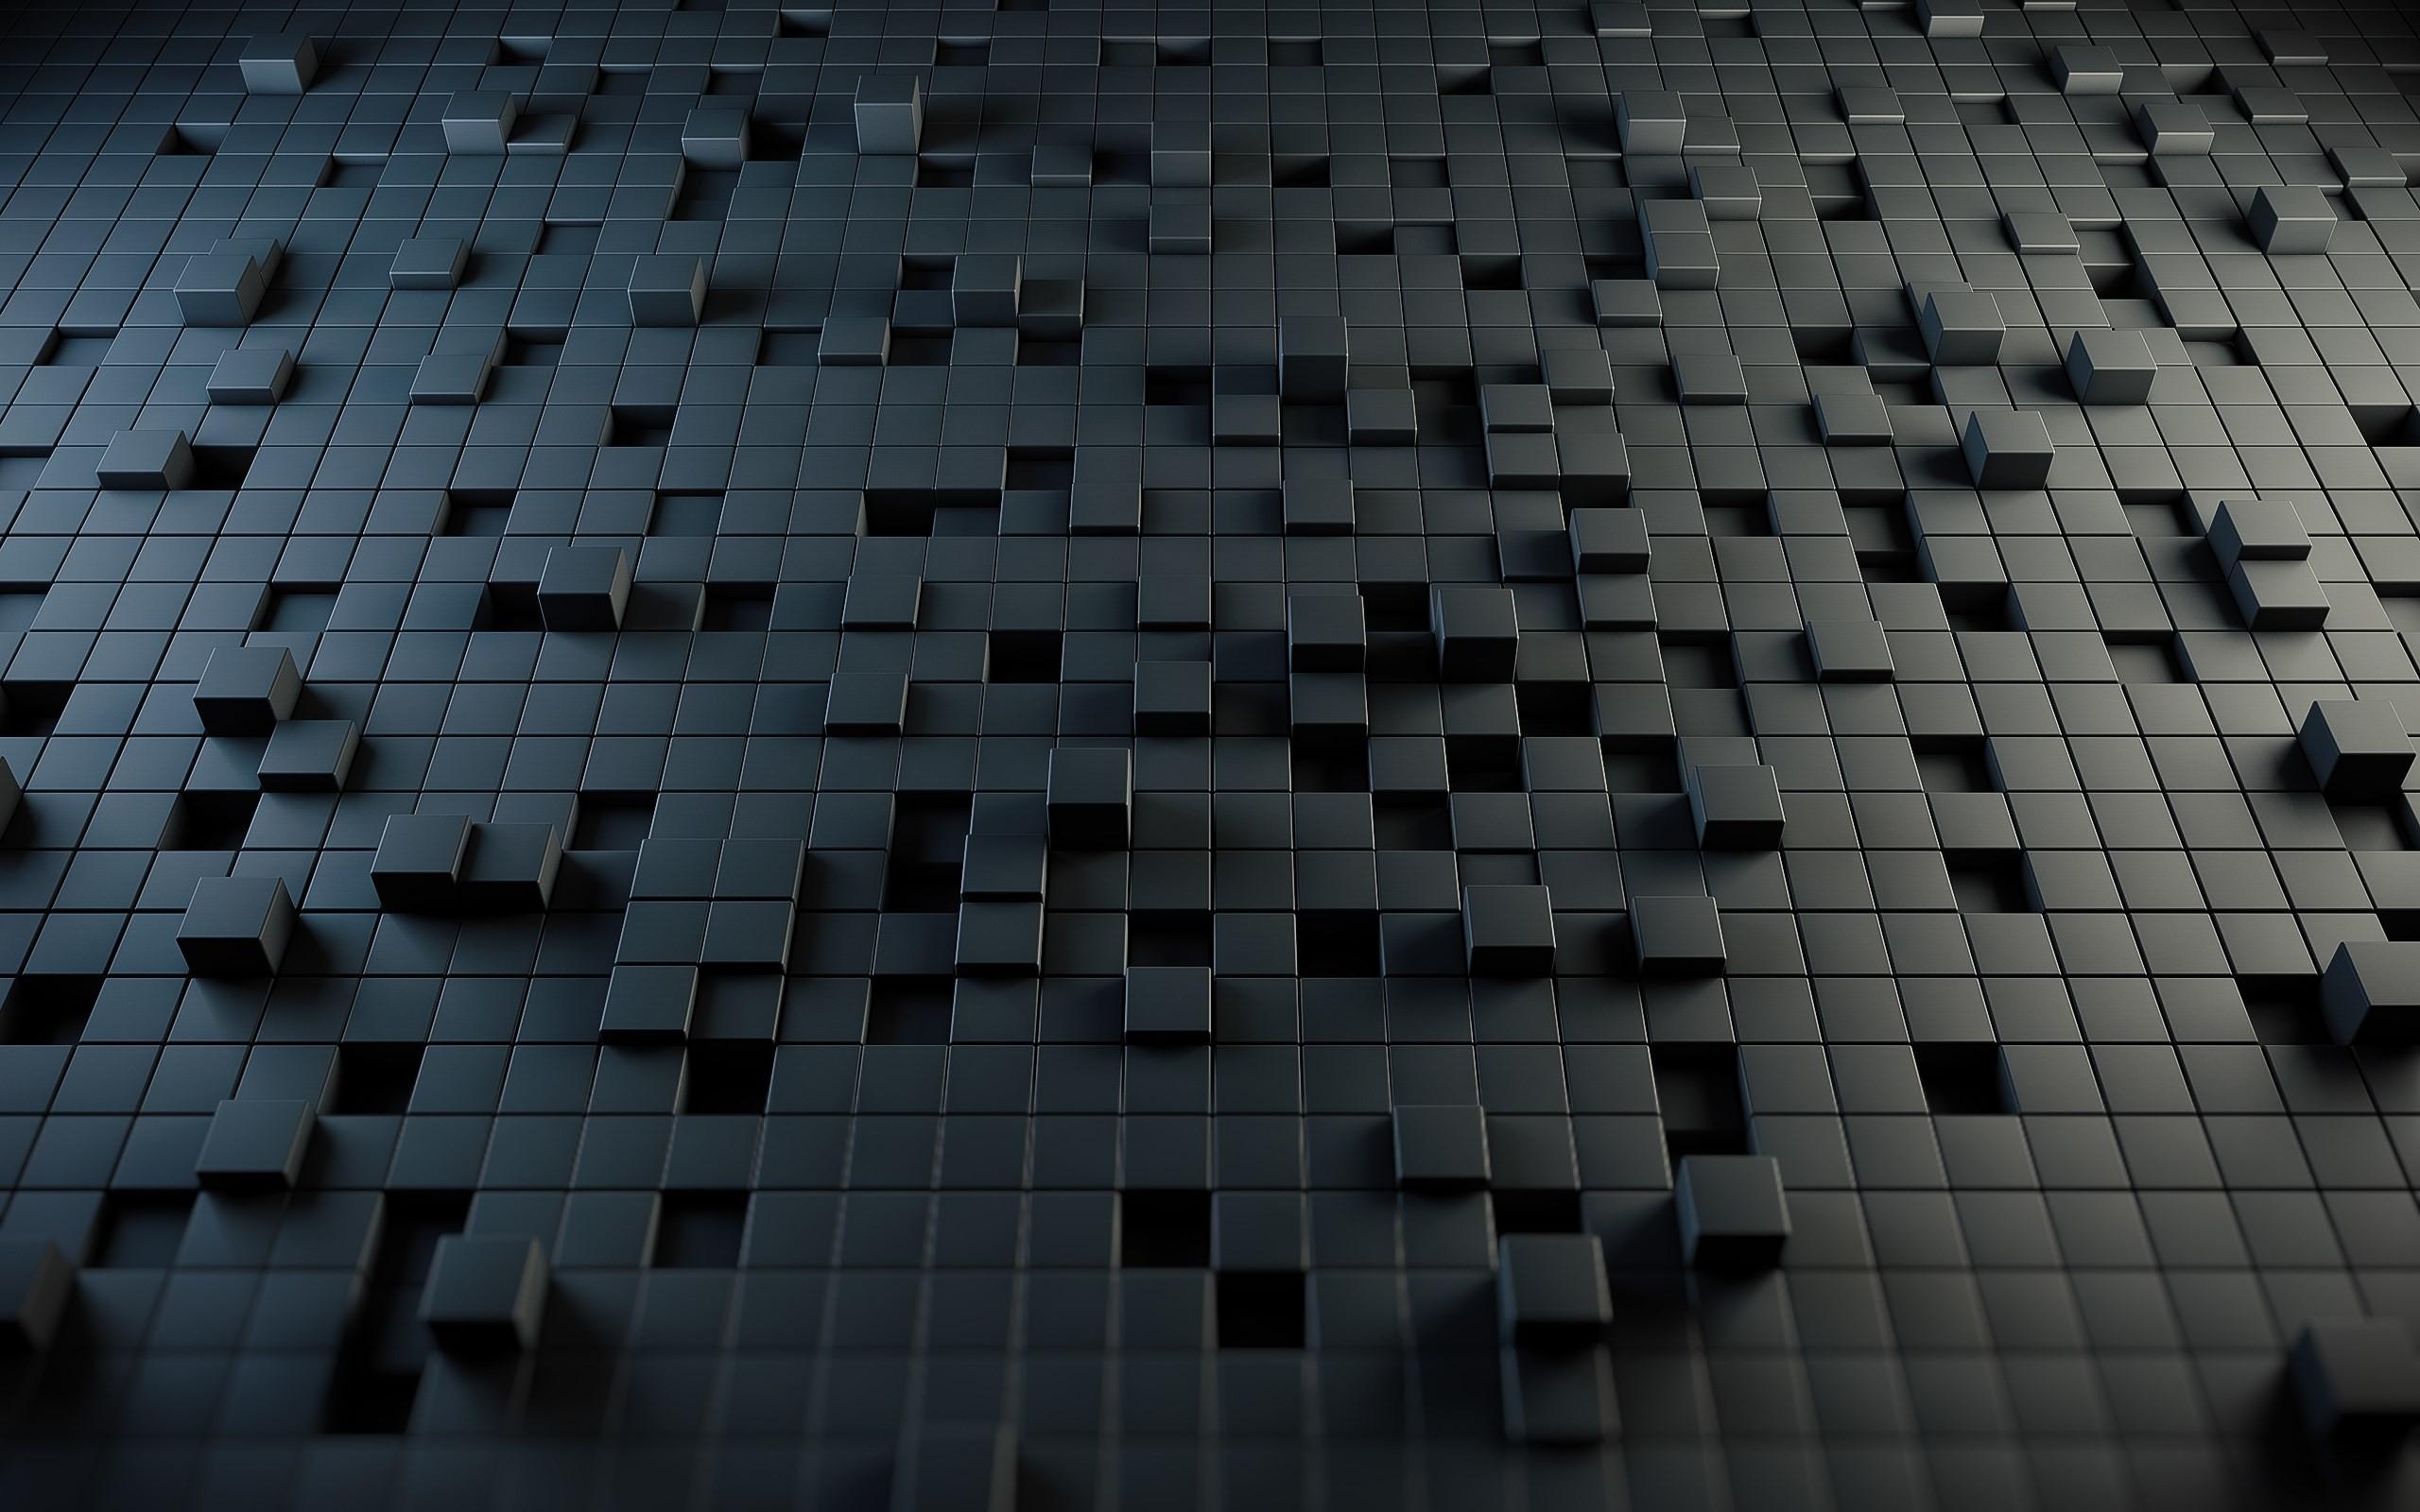 Black Tile Wallpaper 41 Images